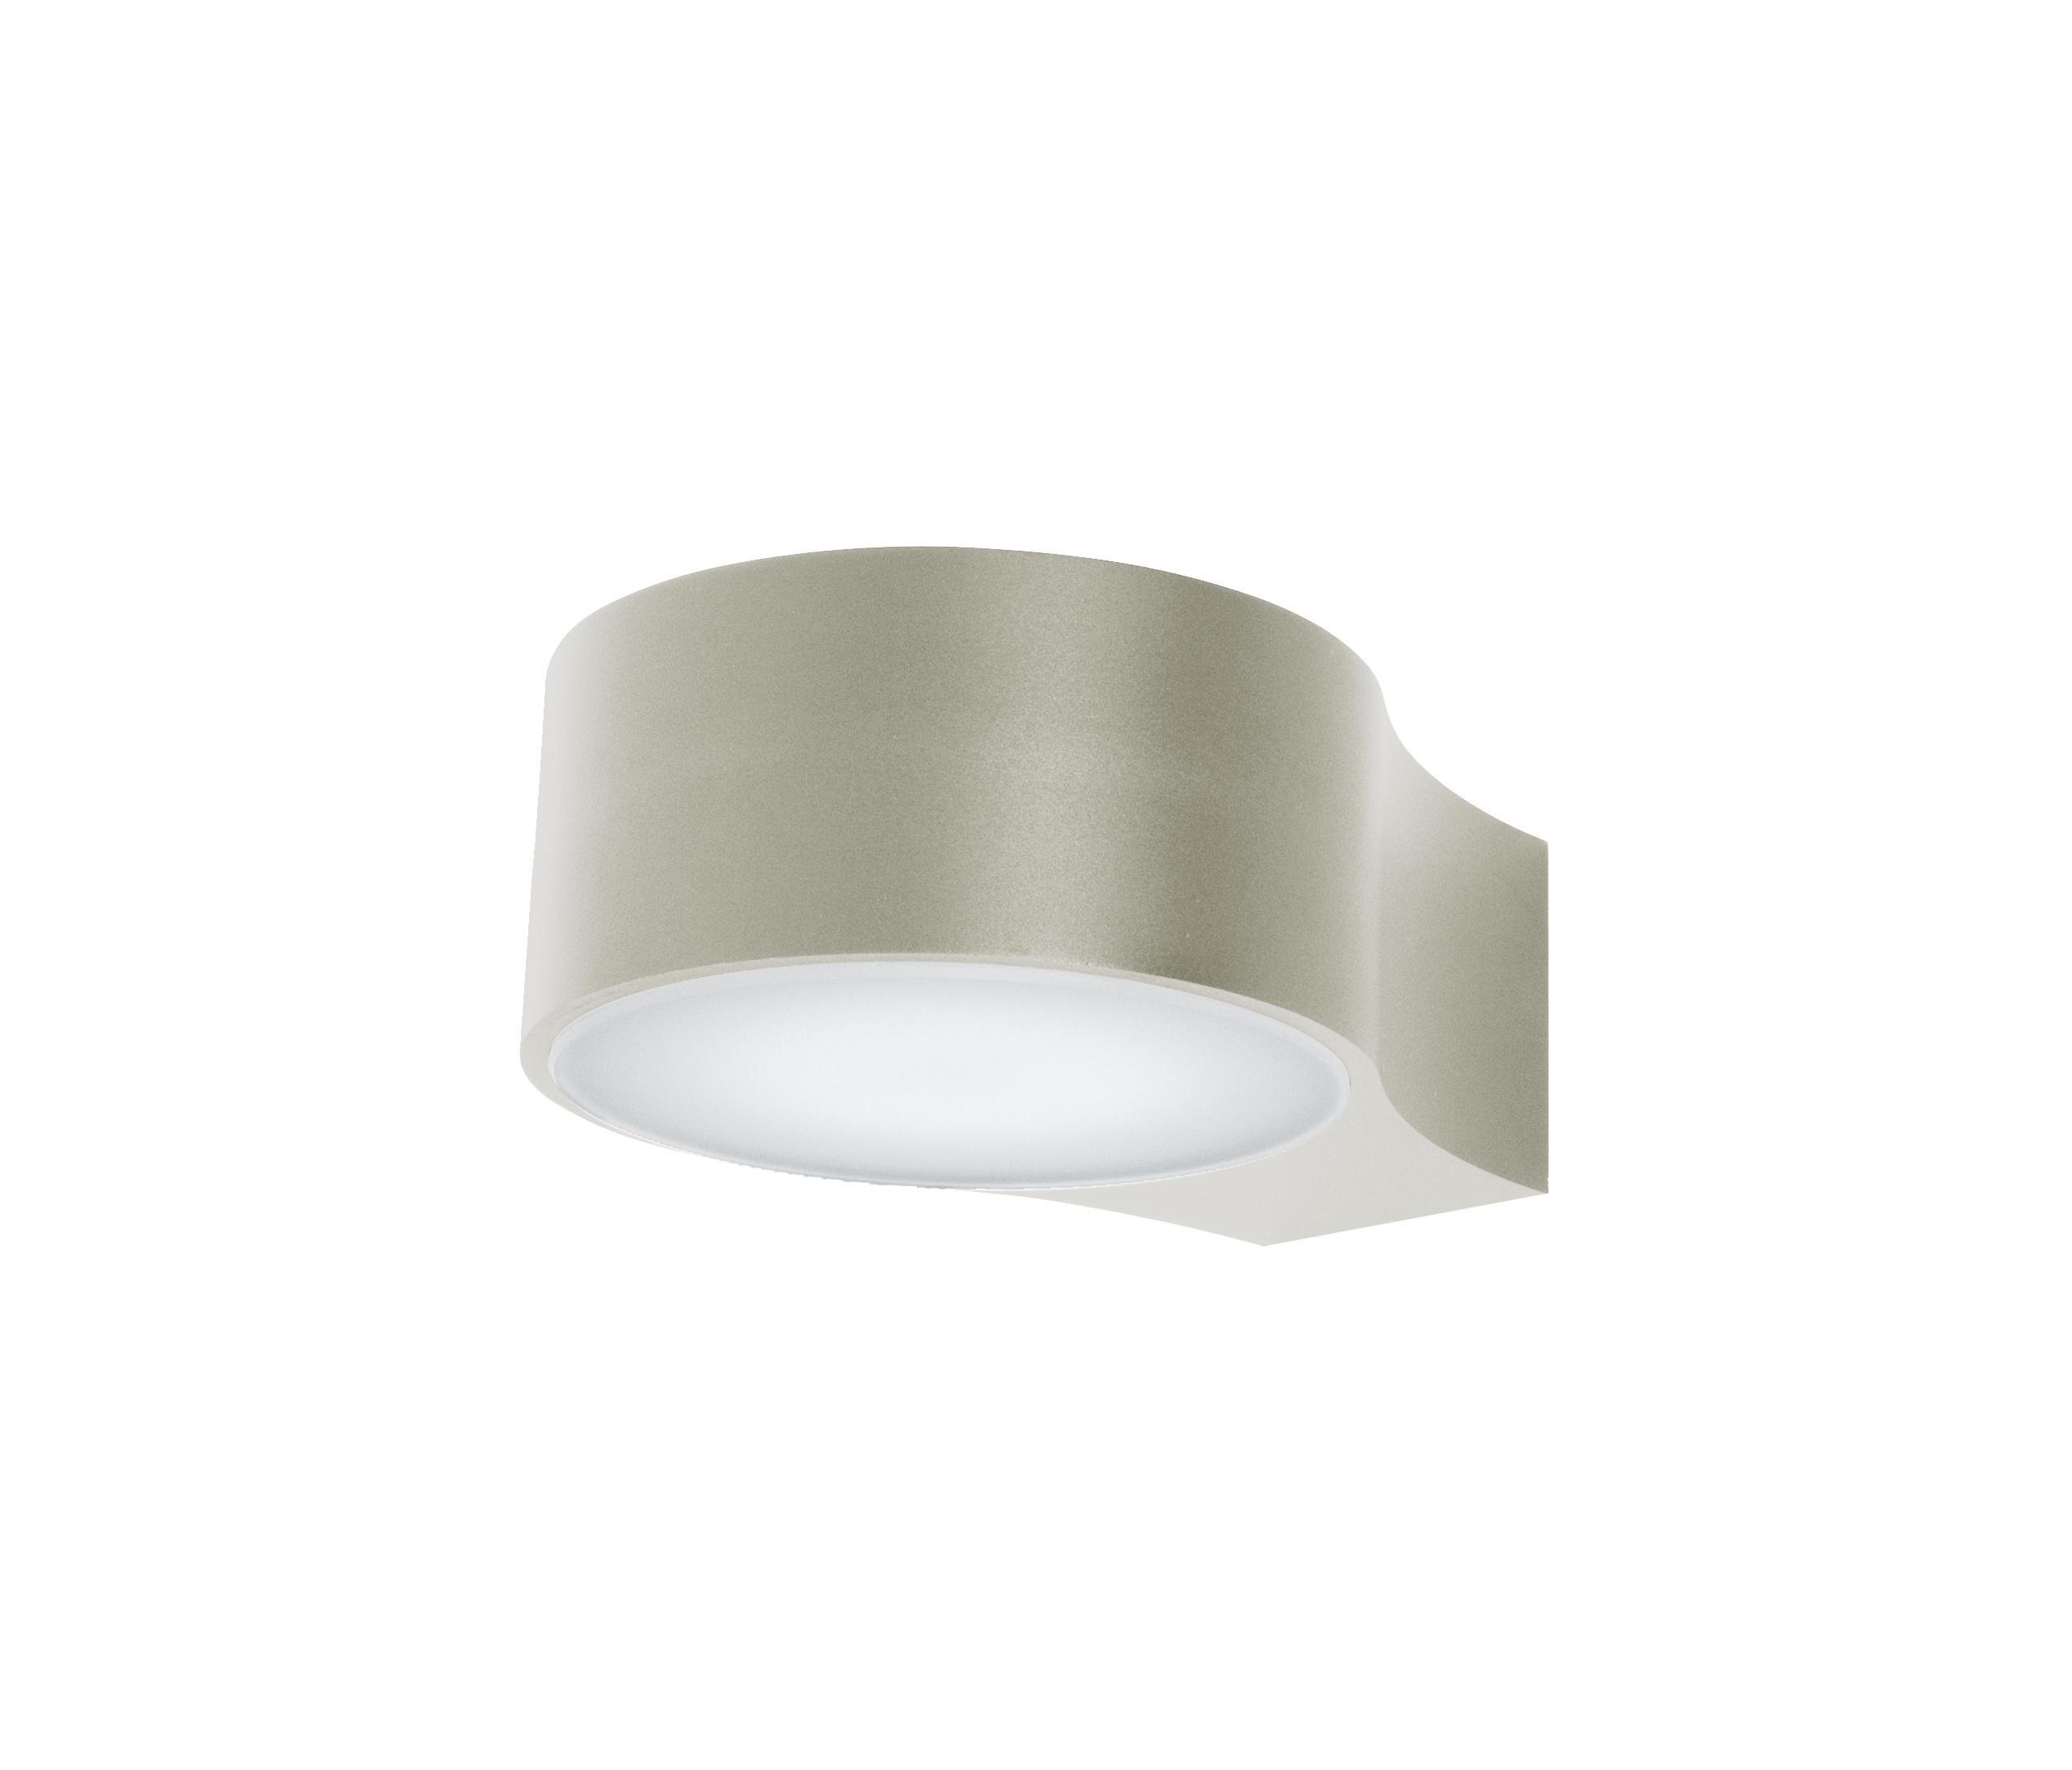 Mawa Design pera general lighting from mawa design architonic